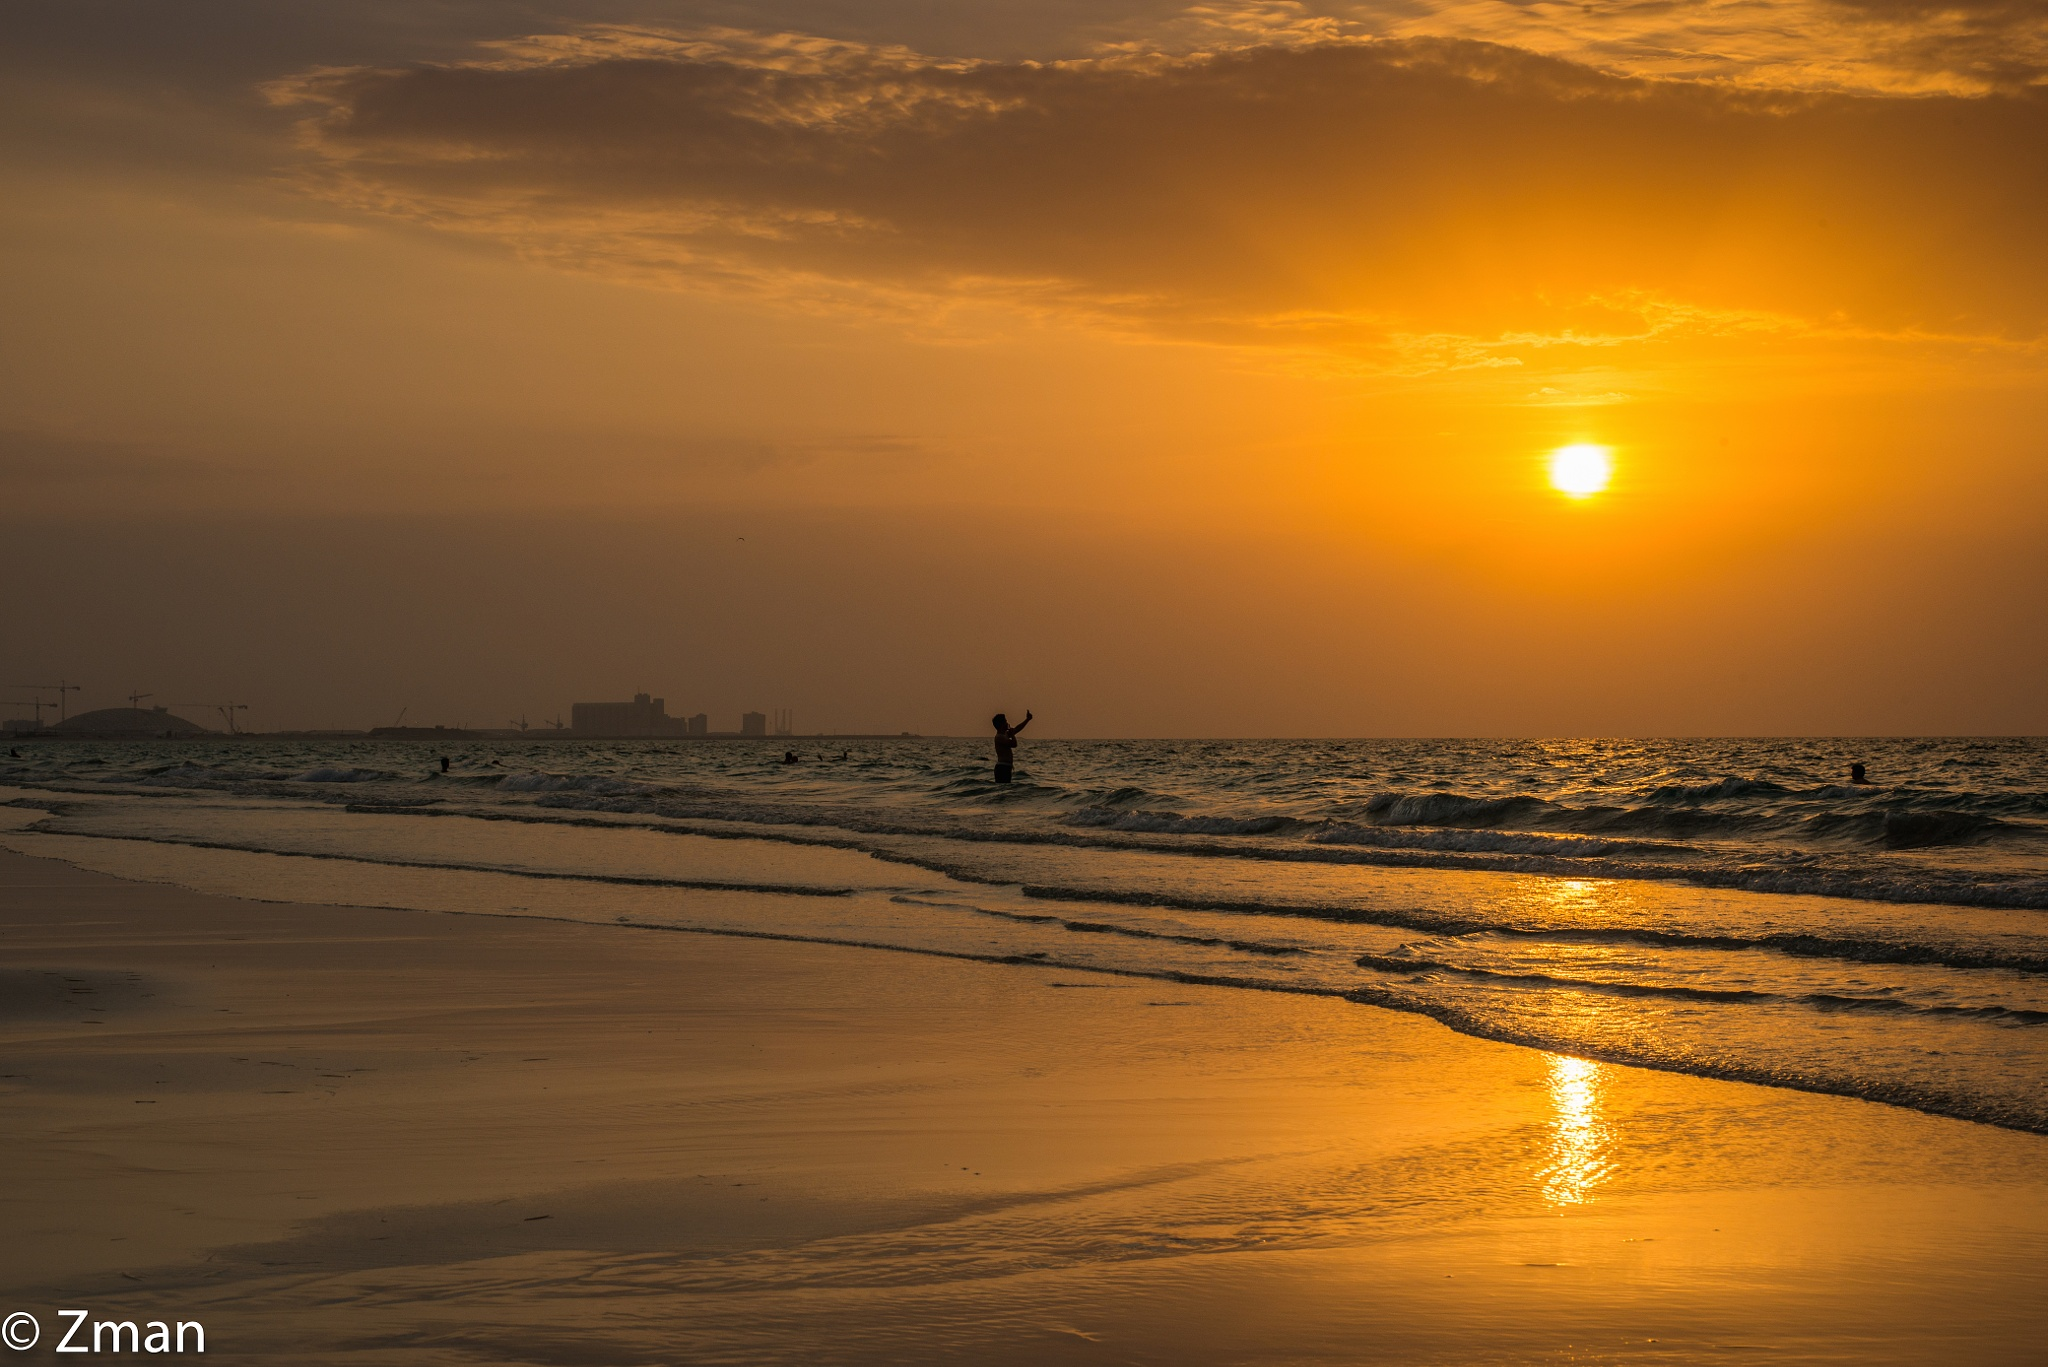 Golden Beach by muhammad.nasser.963